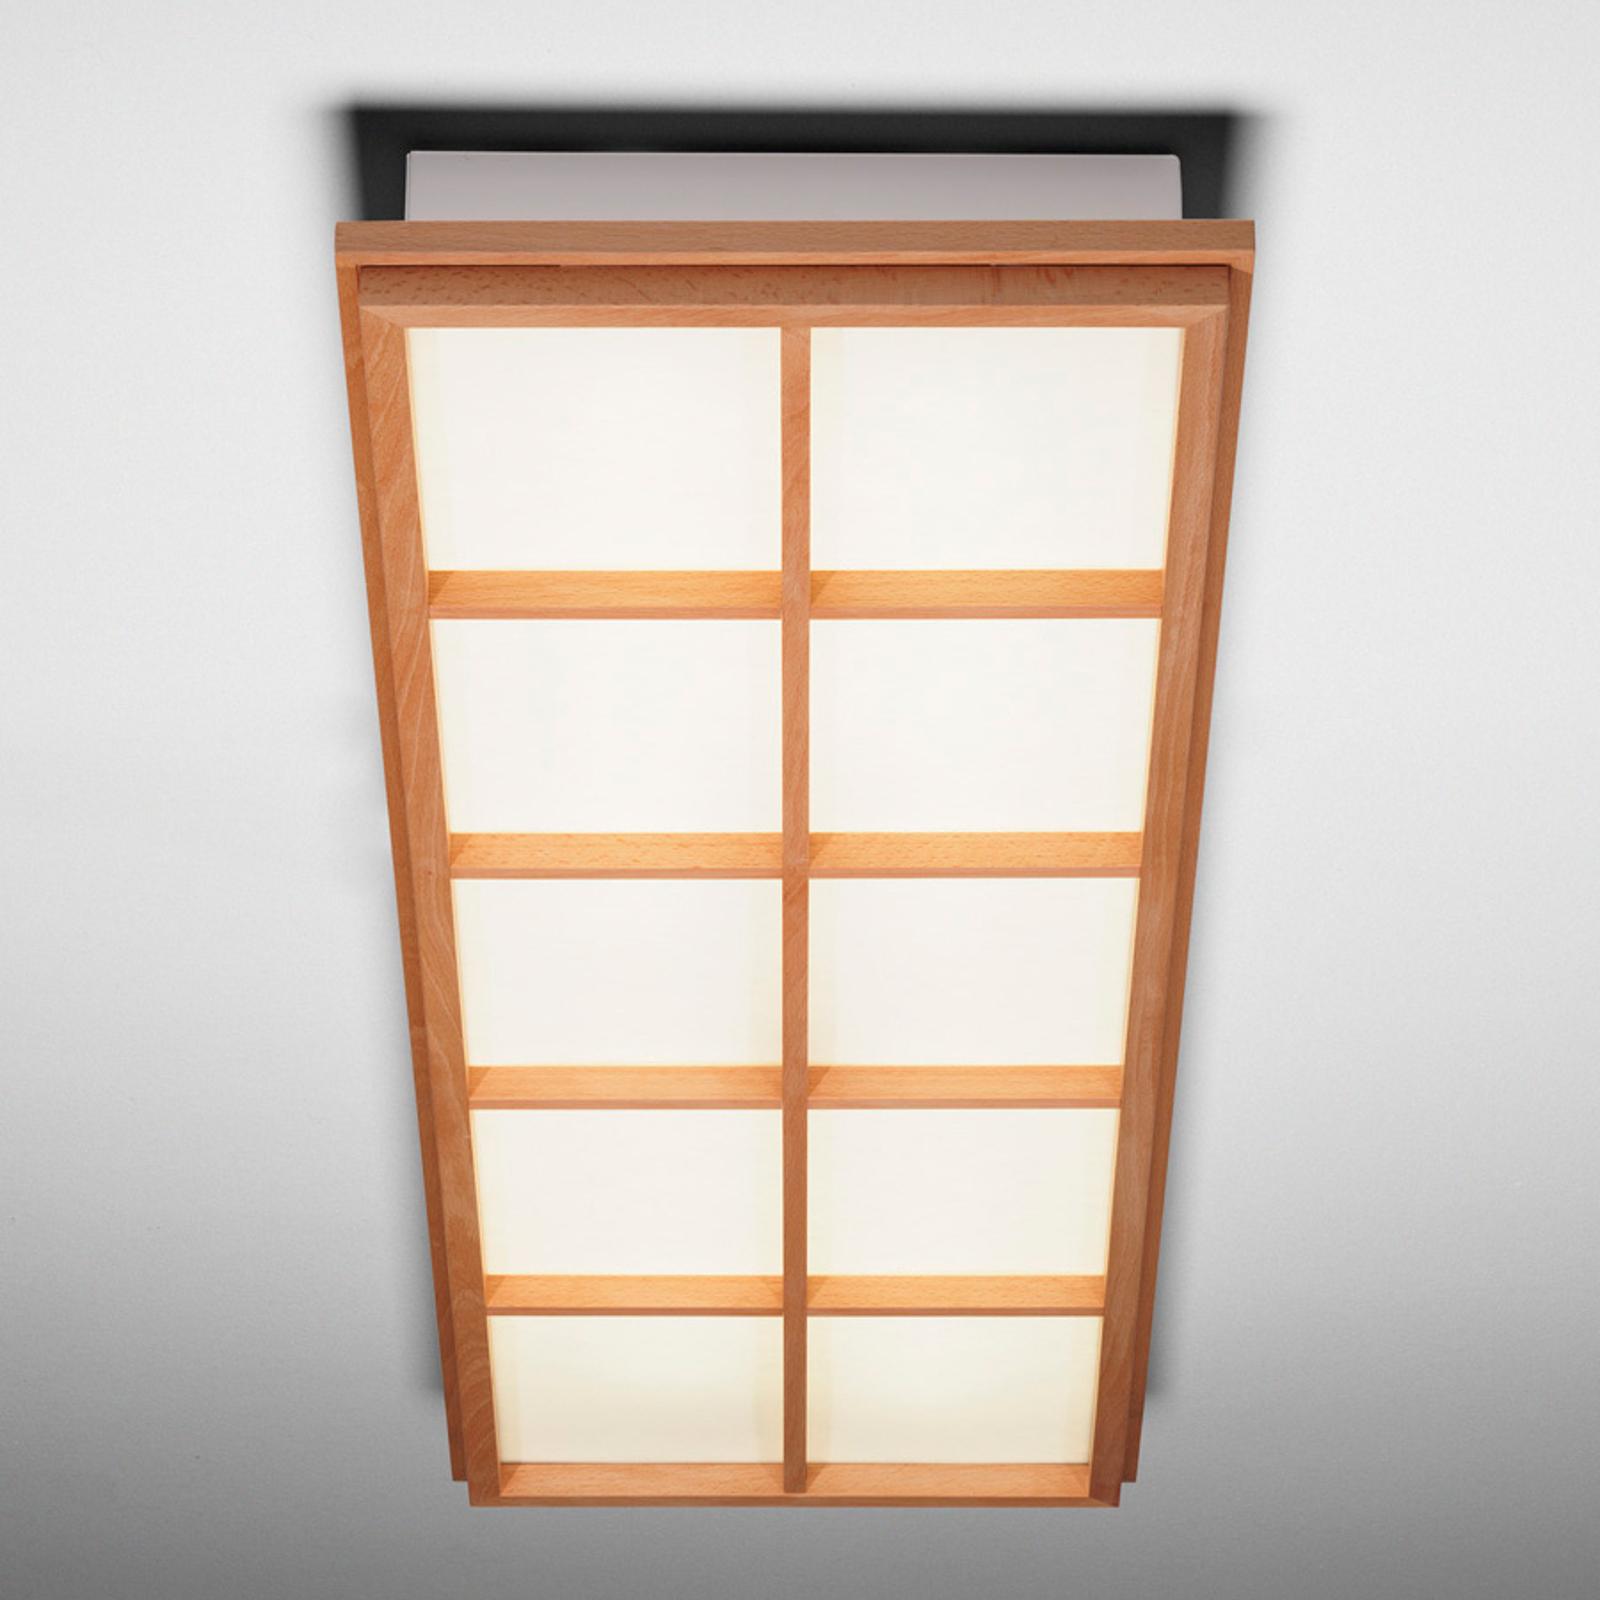 Lampa ścienno-sufitowa KIOTO 10 z drewna bukowego